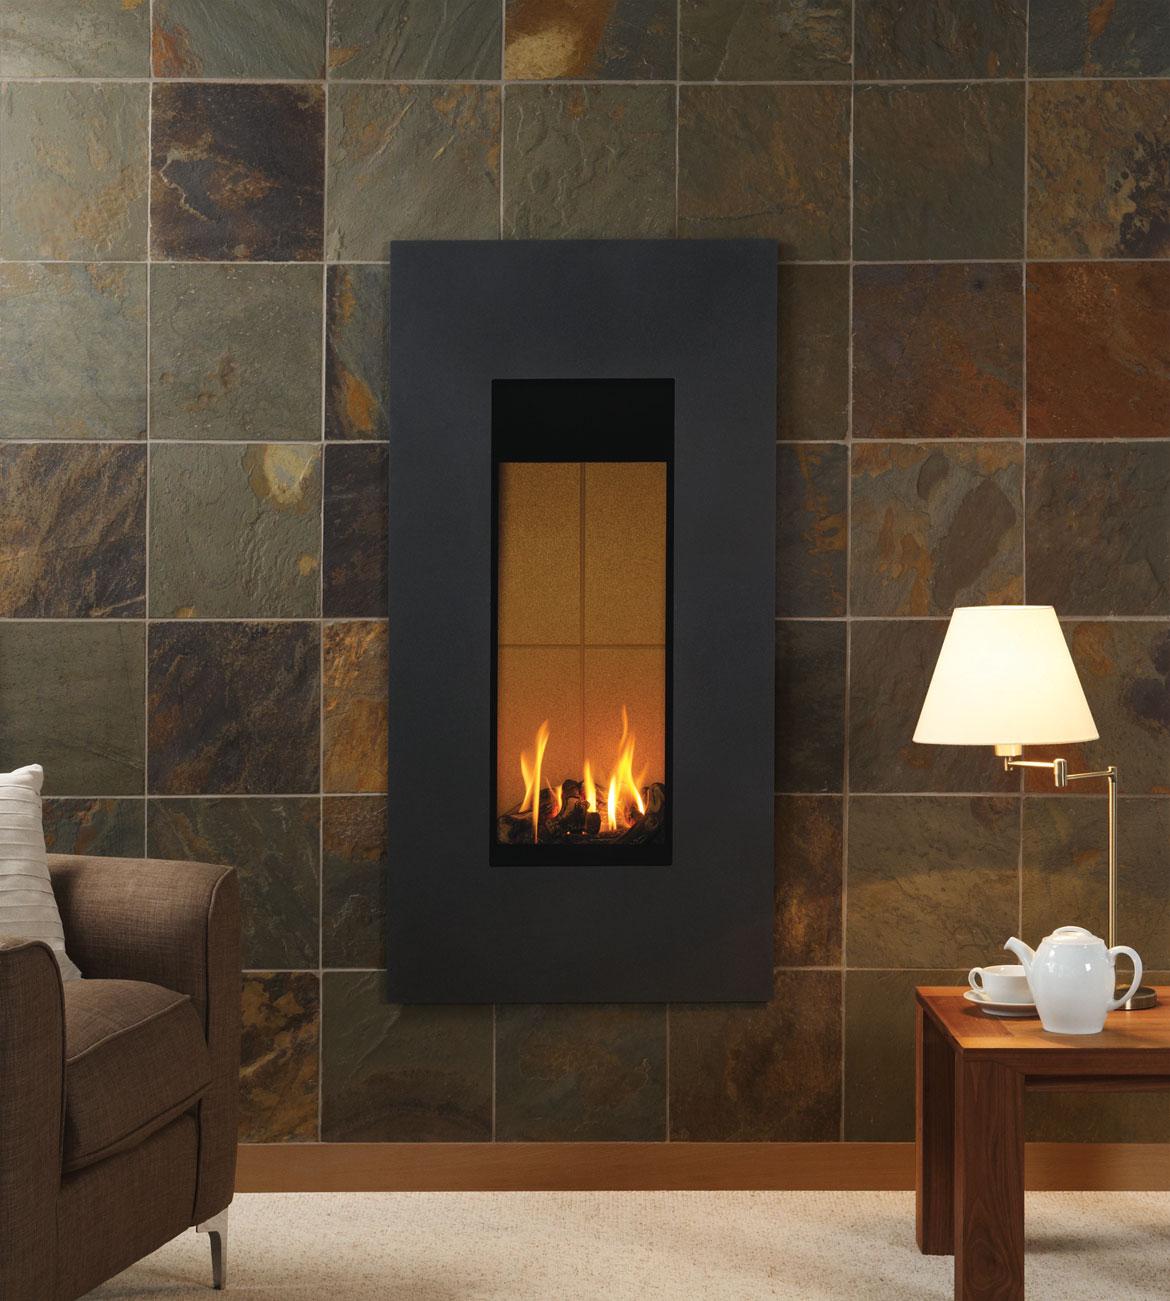 stovax burnt sienna slate gazco stovax fireplace tile